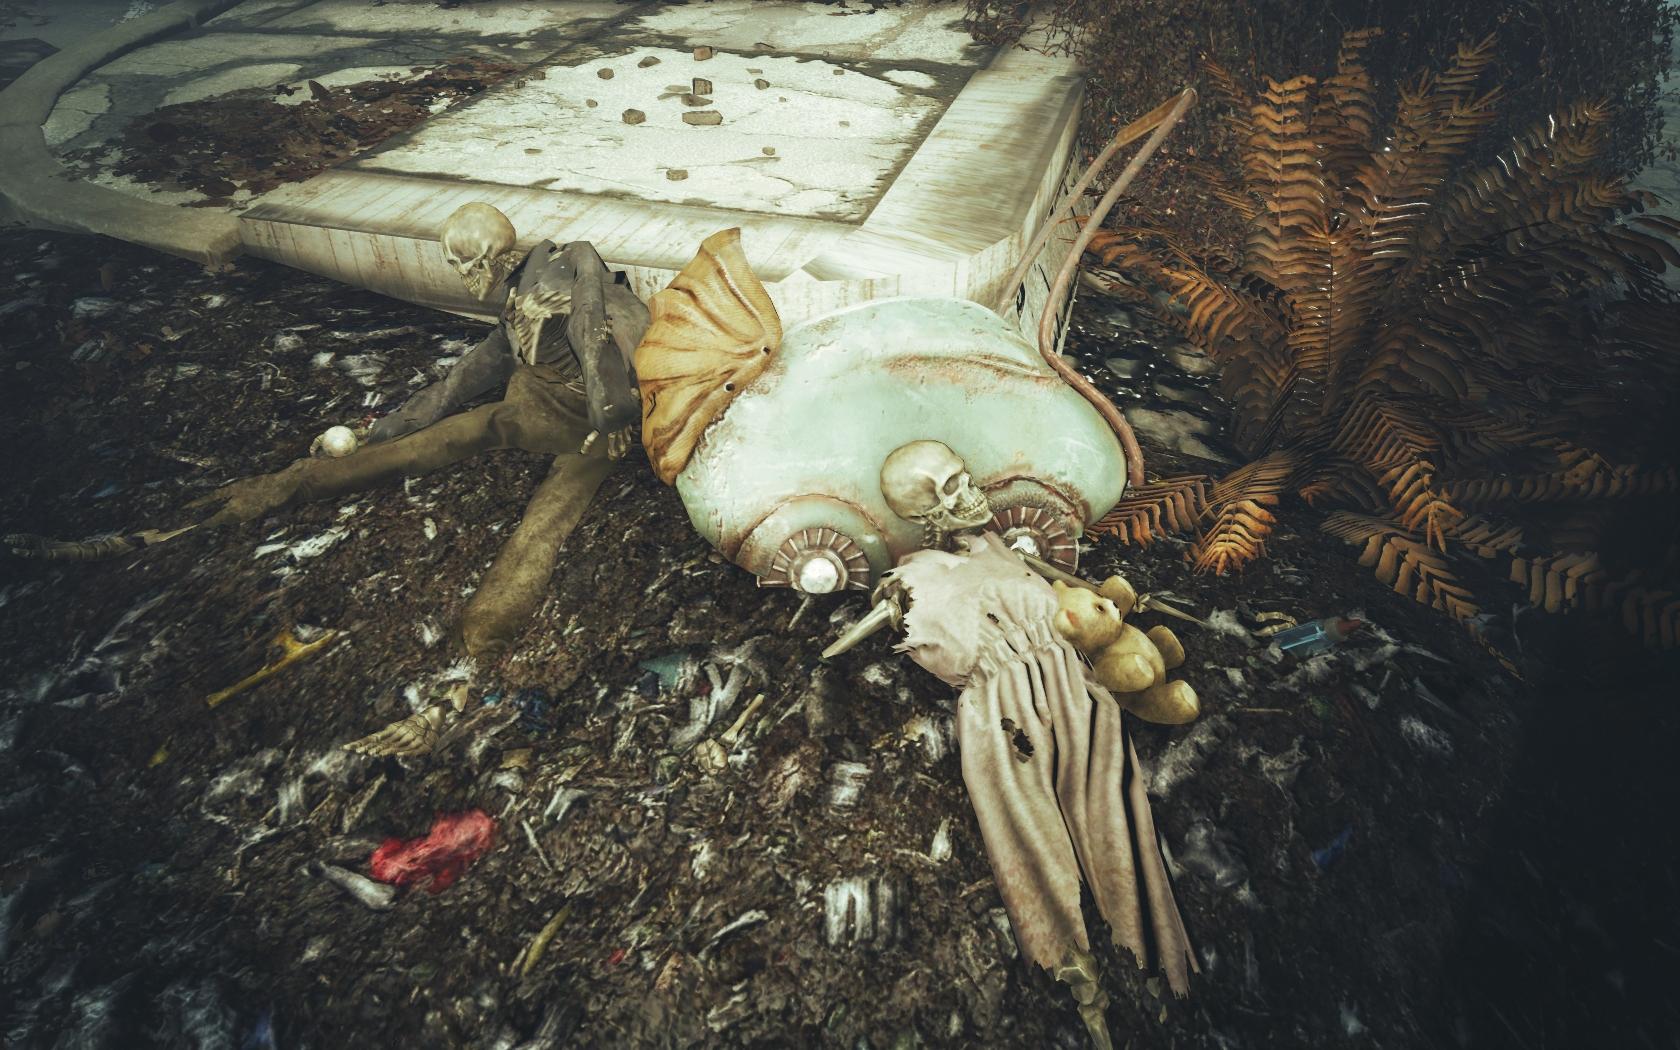 Семейка с мишкой и погремушкой (Фар-Харбор, Разрушенная церковь) - Fallout 4 скелет